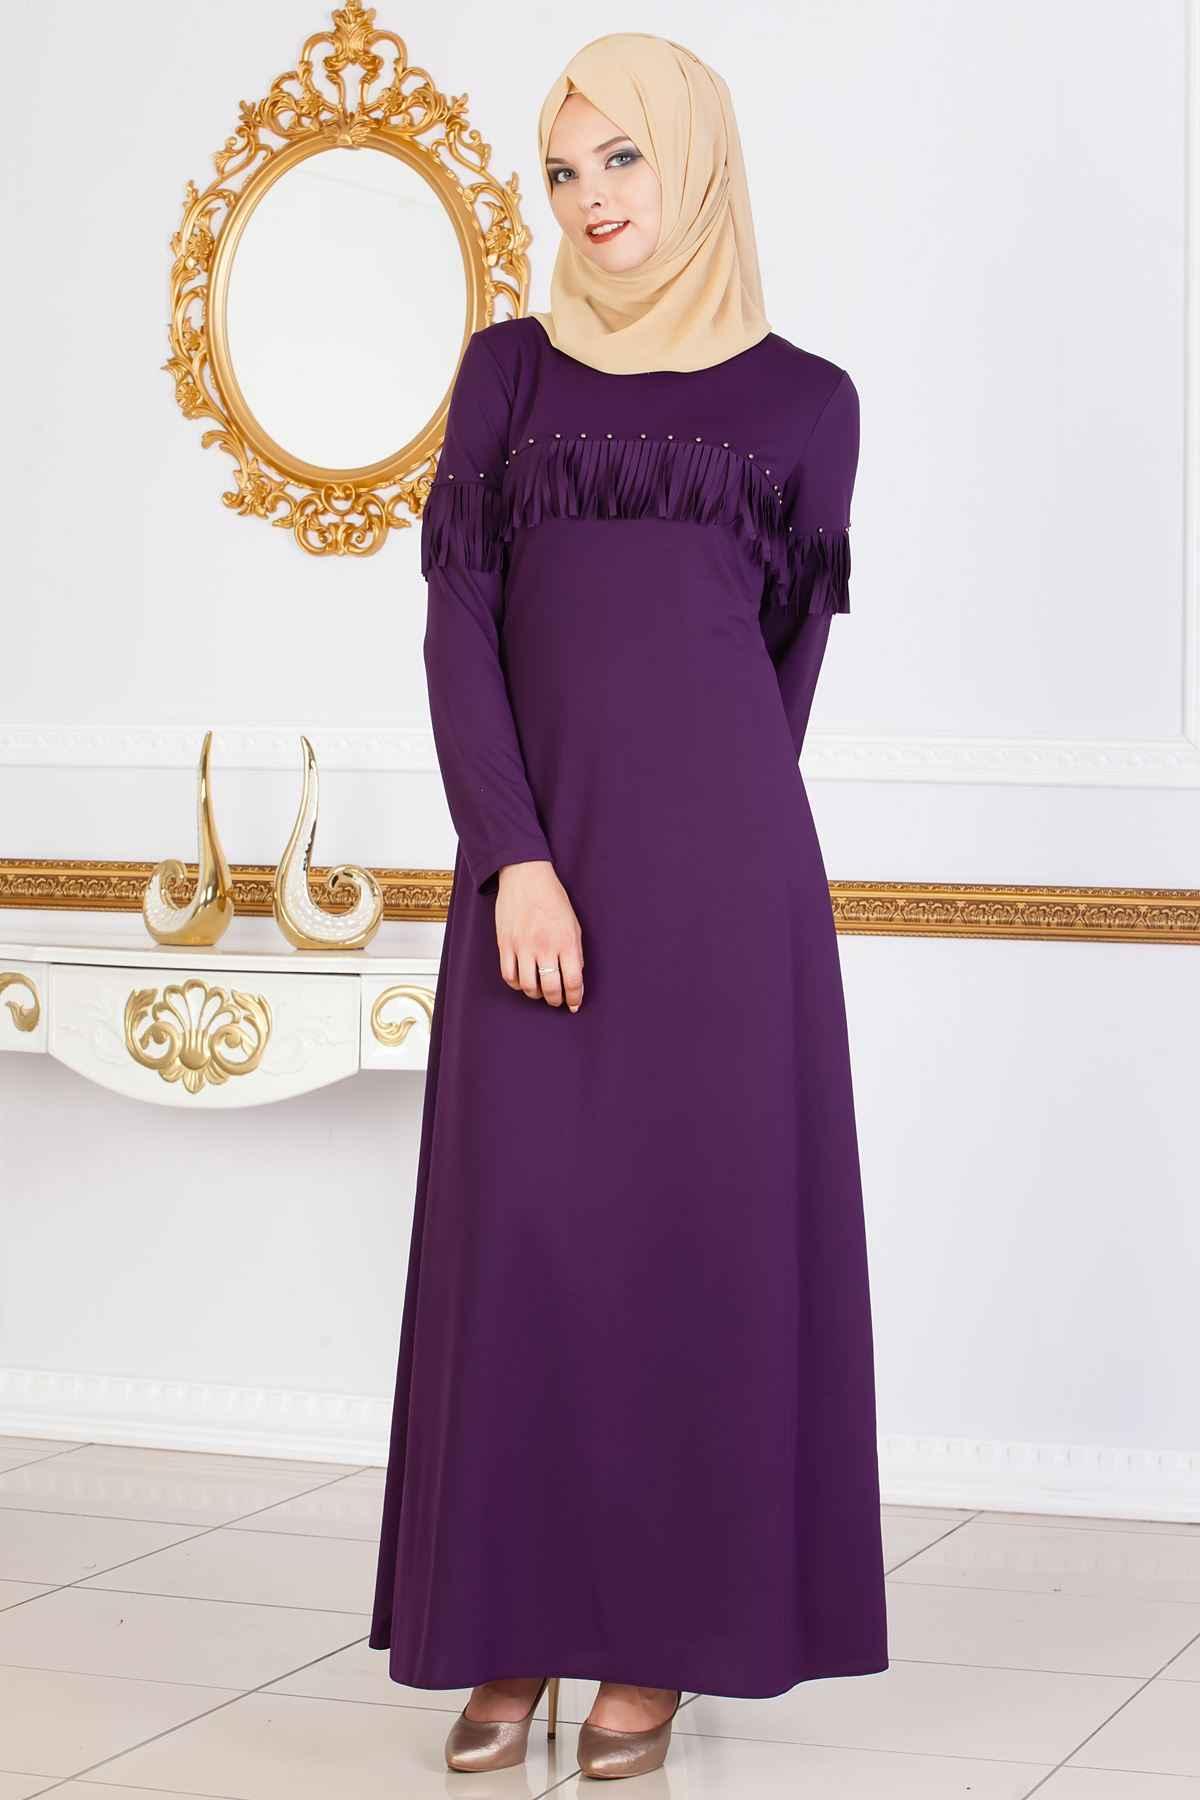 Tesettür İncili Şık Elbise Modelleri